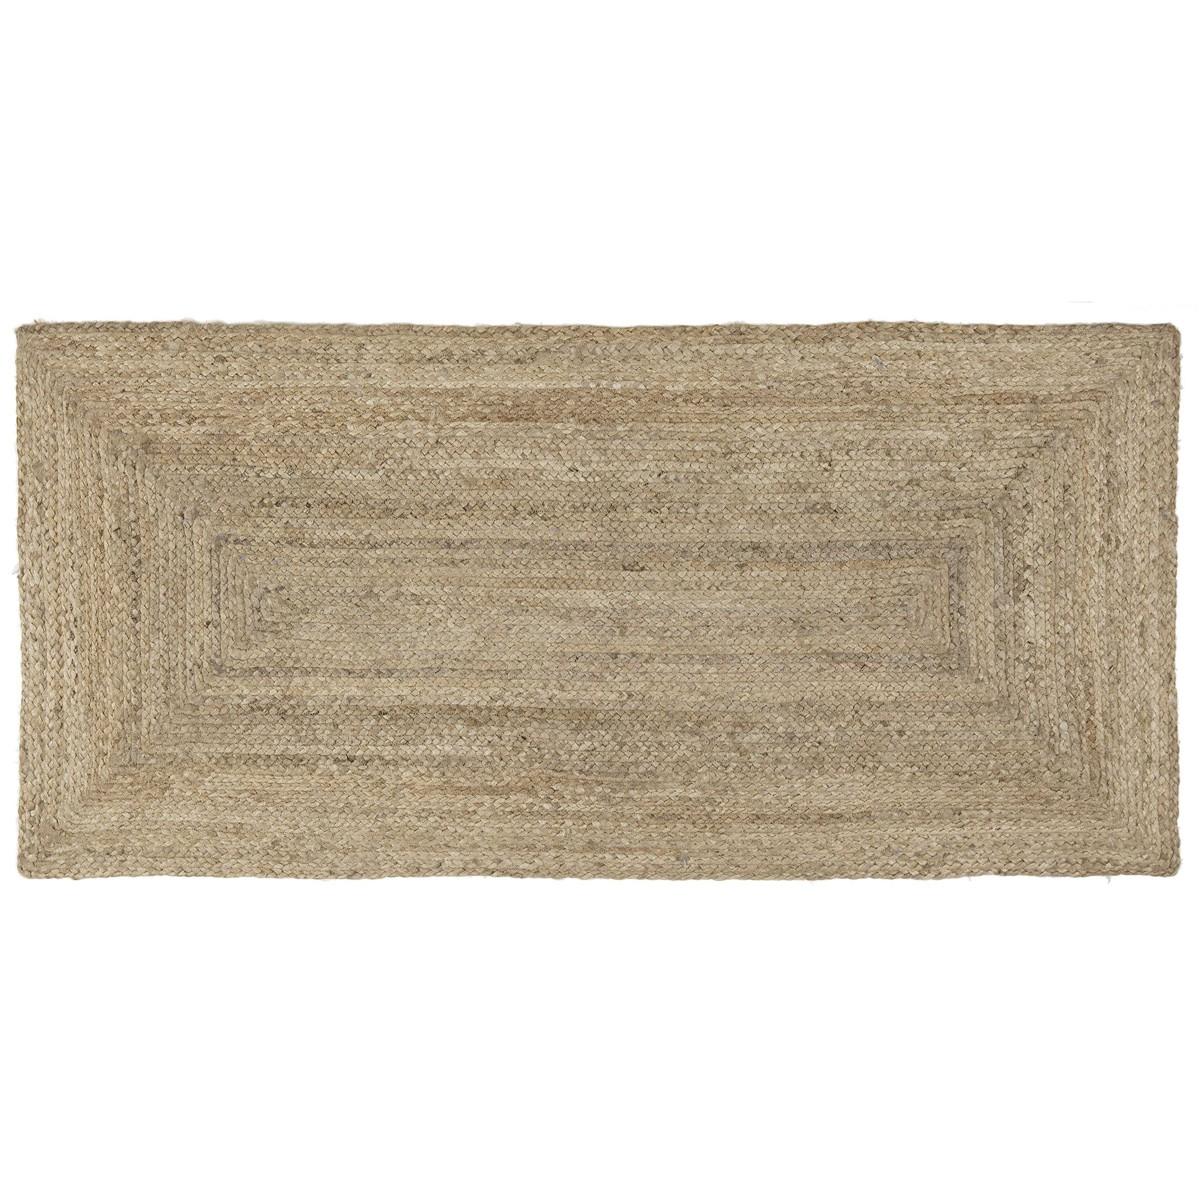 Χαλάκι (60x130) Nima Carpets Idika Natural